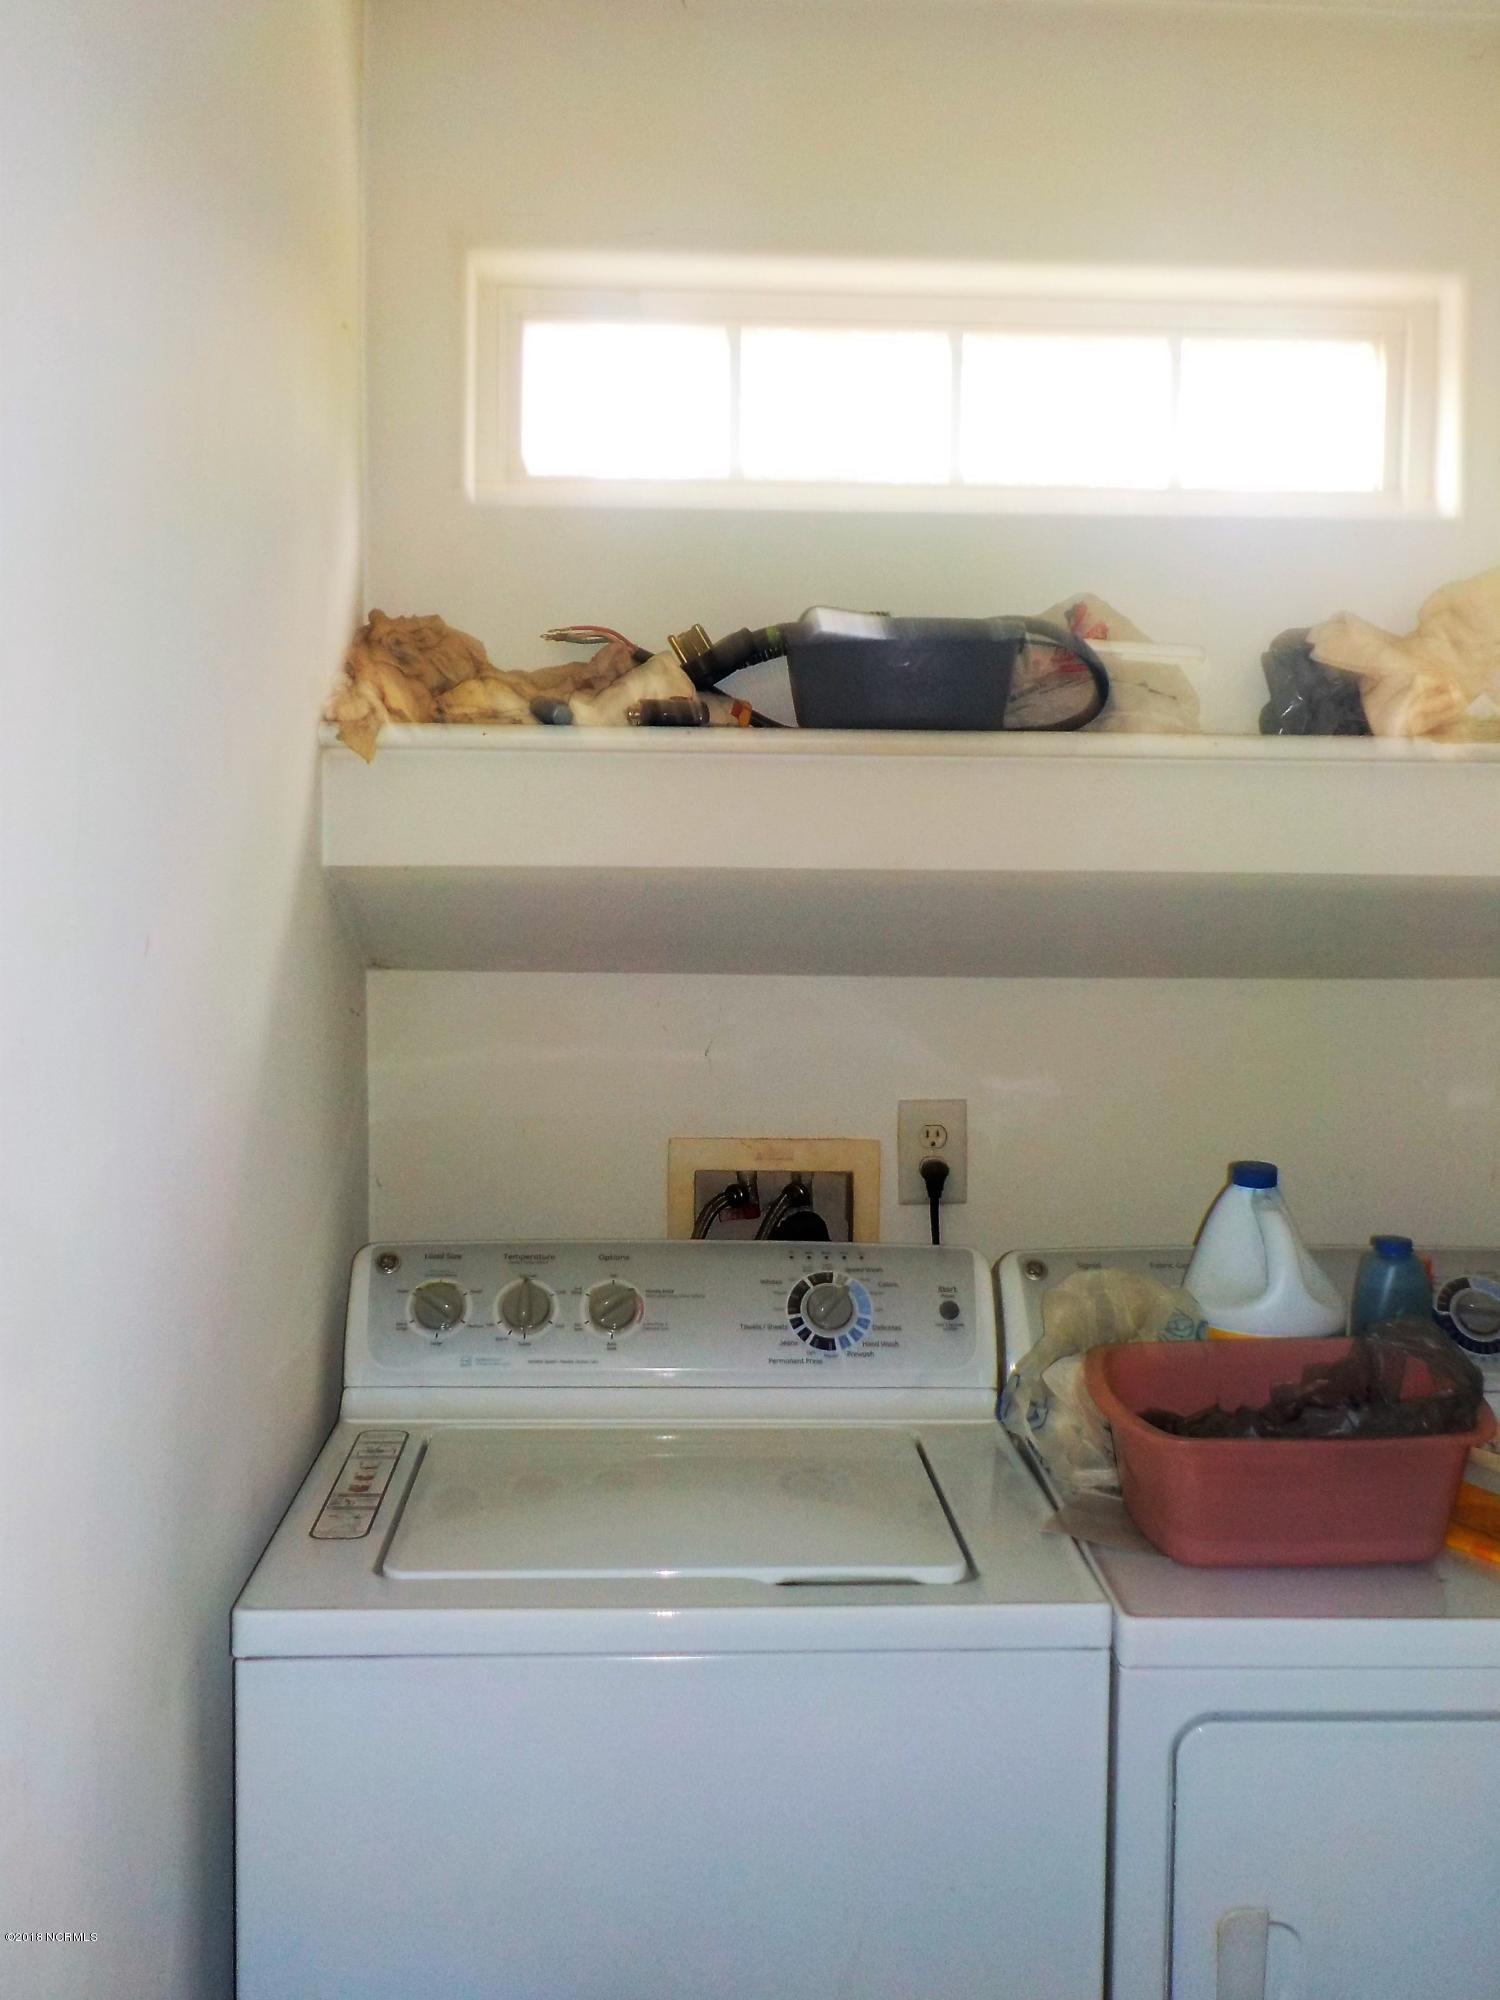 216 Lemonwood Drive, Havelock, North Carolina, 3 Bedrooms Bedrooms, 5 Rooms Rooms,2 BathroomsBathrooms,Single family residence,For sale,Lemonwood,100107080